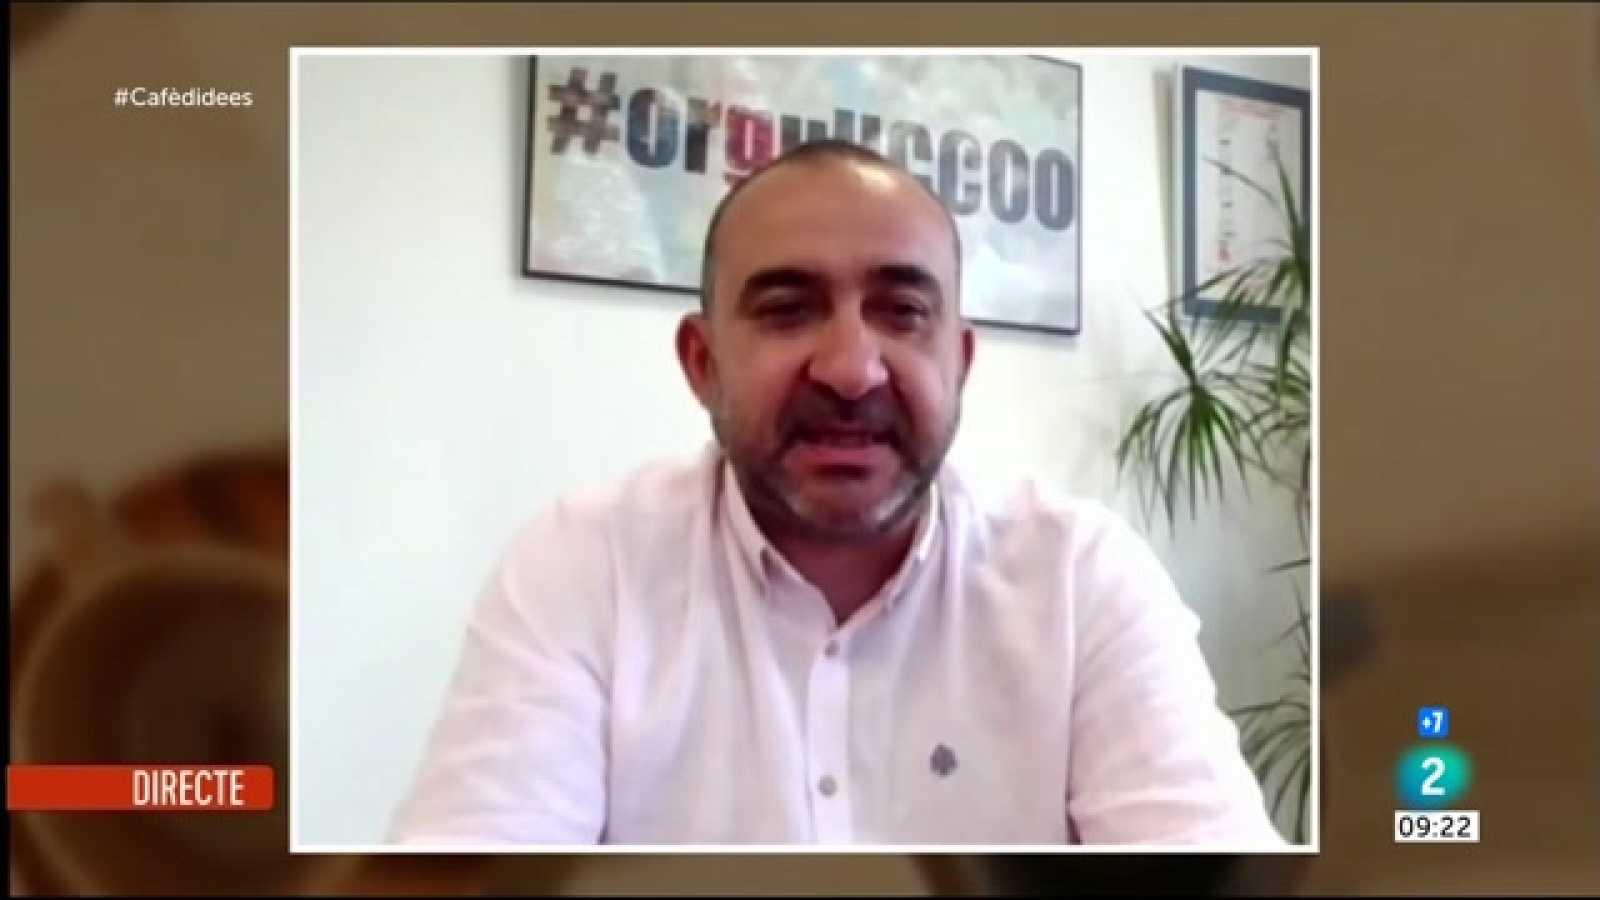 """Cafè d'idees - Javier Pacheco: """"No hi ha interlocució amb el Govern. Està tothom a la seva"""""""